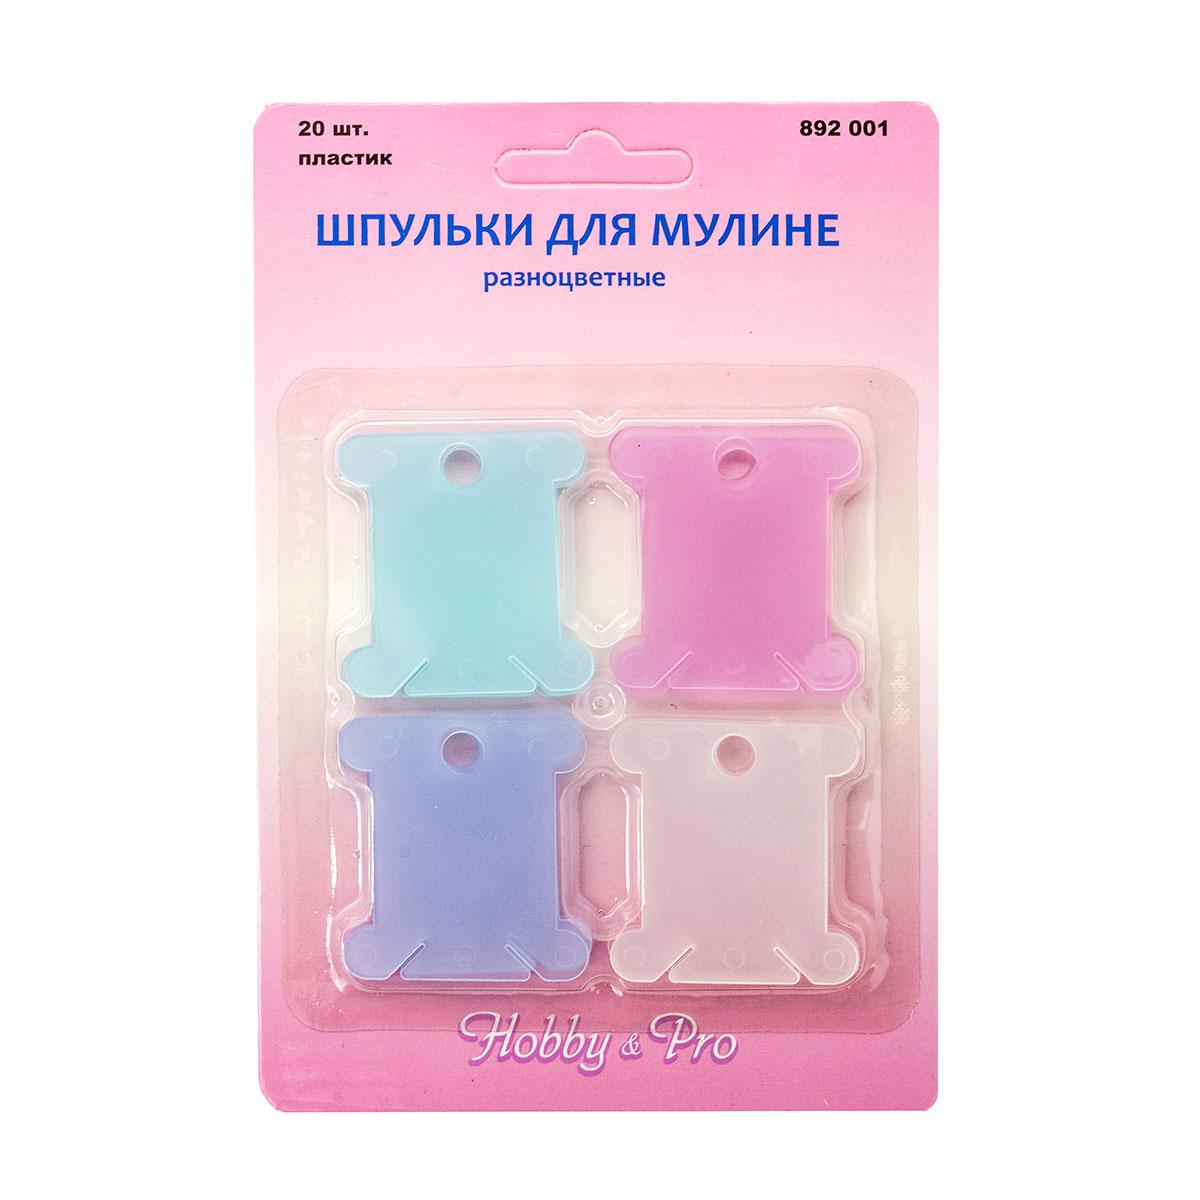 892001 Шпульки для наматывания мулине разноцветные пласт. 20шт.,Hobby&Pro